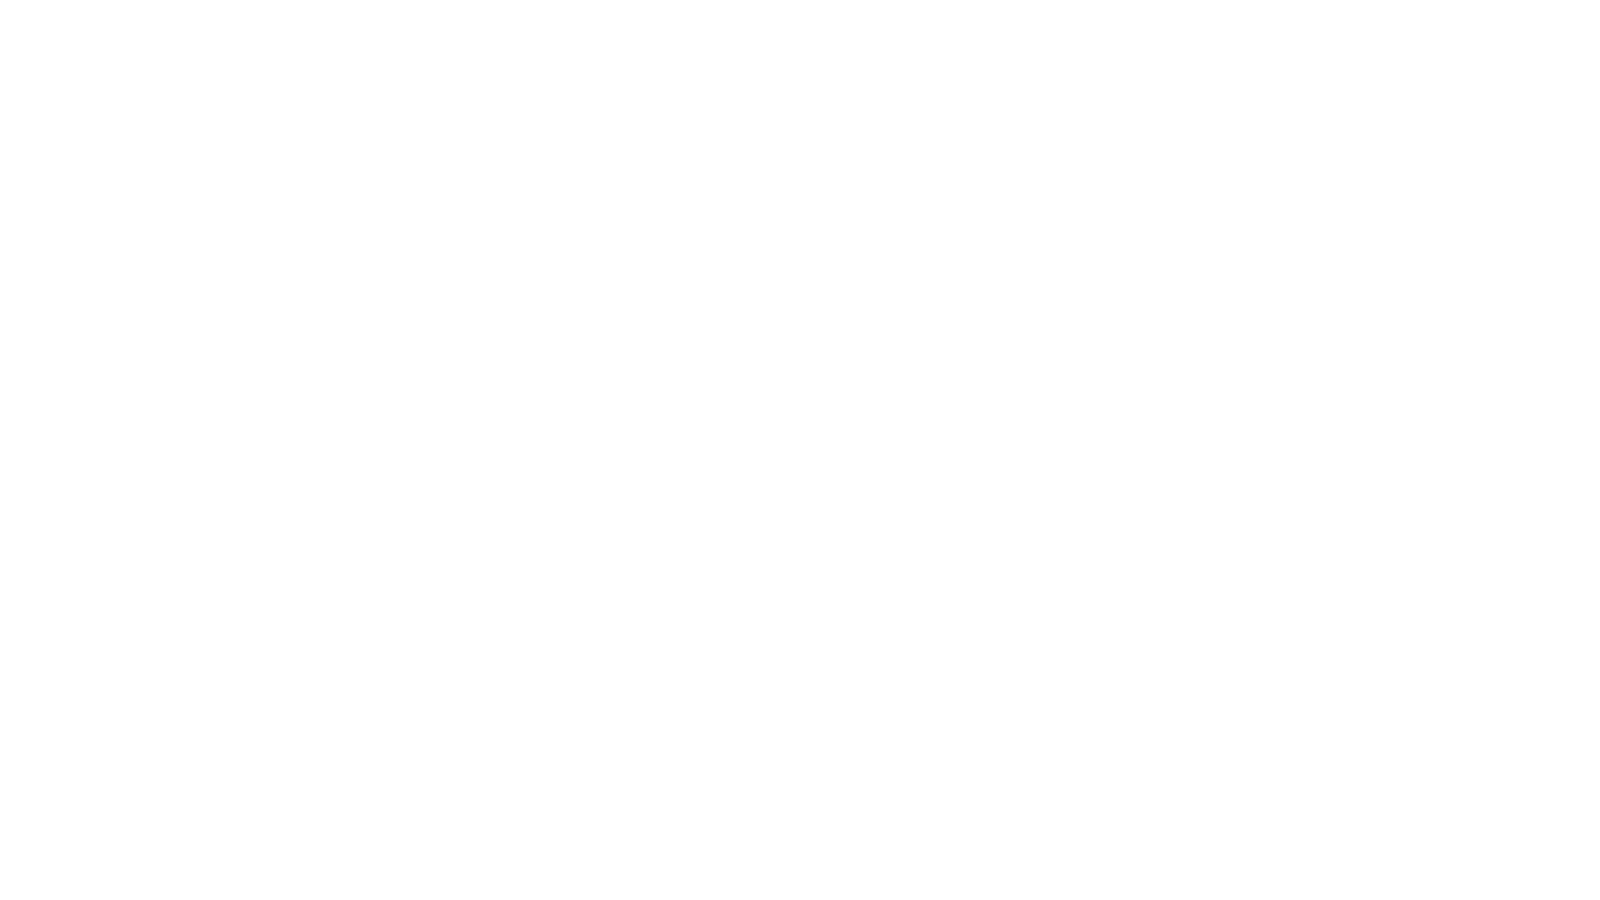 Liebe Zuschauer, dieses Video wurde für den Fall vorproduziert, der jetzt eingetreten ist. YouTube hat uns erneut verwarnt, deshalb gibt es derzeit keine neuen Videos von uns. Bis 04.11.21 dauert die Sperre, dann gehts weiter! Euer Thomas  Netzseite: https://www.digitaler-chronist.com Bitte abonniert unsere Alternativ-Kanäle odysee, Bitchute, rumble, frei3 : https://odysee.com/@Digitaler.Chronist:8 https://www.bitchute.com/channel/TIIWbiMf6vvT/ https://rumble.com/user/DigitalerChronist https://www.frei3.de/articlegroup/f5996e32-5309-4816-9caf-1697a74fd22c  Digitaler Chronist auf Telegram: https://t.me/DigitalChronist https://www.tiktok.com/@digitaler_chronist Alle unsere Kanäle auf einer Seite, bitte folgt uns auch auf den anderen Plattformen, man weiß nie... https://linktr.ee/digitaler.chronist  Wenn Ihr unsere Arbeit unterstützen möchtet... Paypal hat unser Konto gekündigt. Vielen Dank an Alle, die uns über Paypal unterstützt haben! Ich habe mich über jede Anerkennung sehr gefreut. Wer uns zukünftig unterstützen möchte, kann das ab sofort über eine Banküberweisung machen. Es ist eine litauische Bank, in der Hoffnung, dass hier nicht so schnell gesperrt wird. Über Ko-fi und über Bitcoin könnt ihr uns ebenfalls unterstützen!  Revolut Bank Thomas Alexander Grabinger LT23 3250 0272 4399 7387 Alternativ per Verweis: https://revolut.me/digitalerc  Ko-fi https://ko-fi.com/digitalerchronist  Bitcoin: 3Mq26ouX6QZAQcyyb79hjPjFcrgENBVBec   #DigitalerChronist, #DC #CO2istLeben, #WachAuf, #ausGEZahlt  Hintergrund: Eigenproduktion Es handelt sich hierbei um Polit-Satire. Falls sich irgendjemand beleidigt fühlt, bitte ich um Entschuldigung!  Art. 5 III Satz 1 GG, Kunst- und Wissenschaftsfreiheit